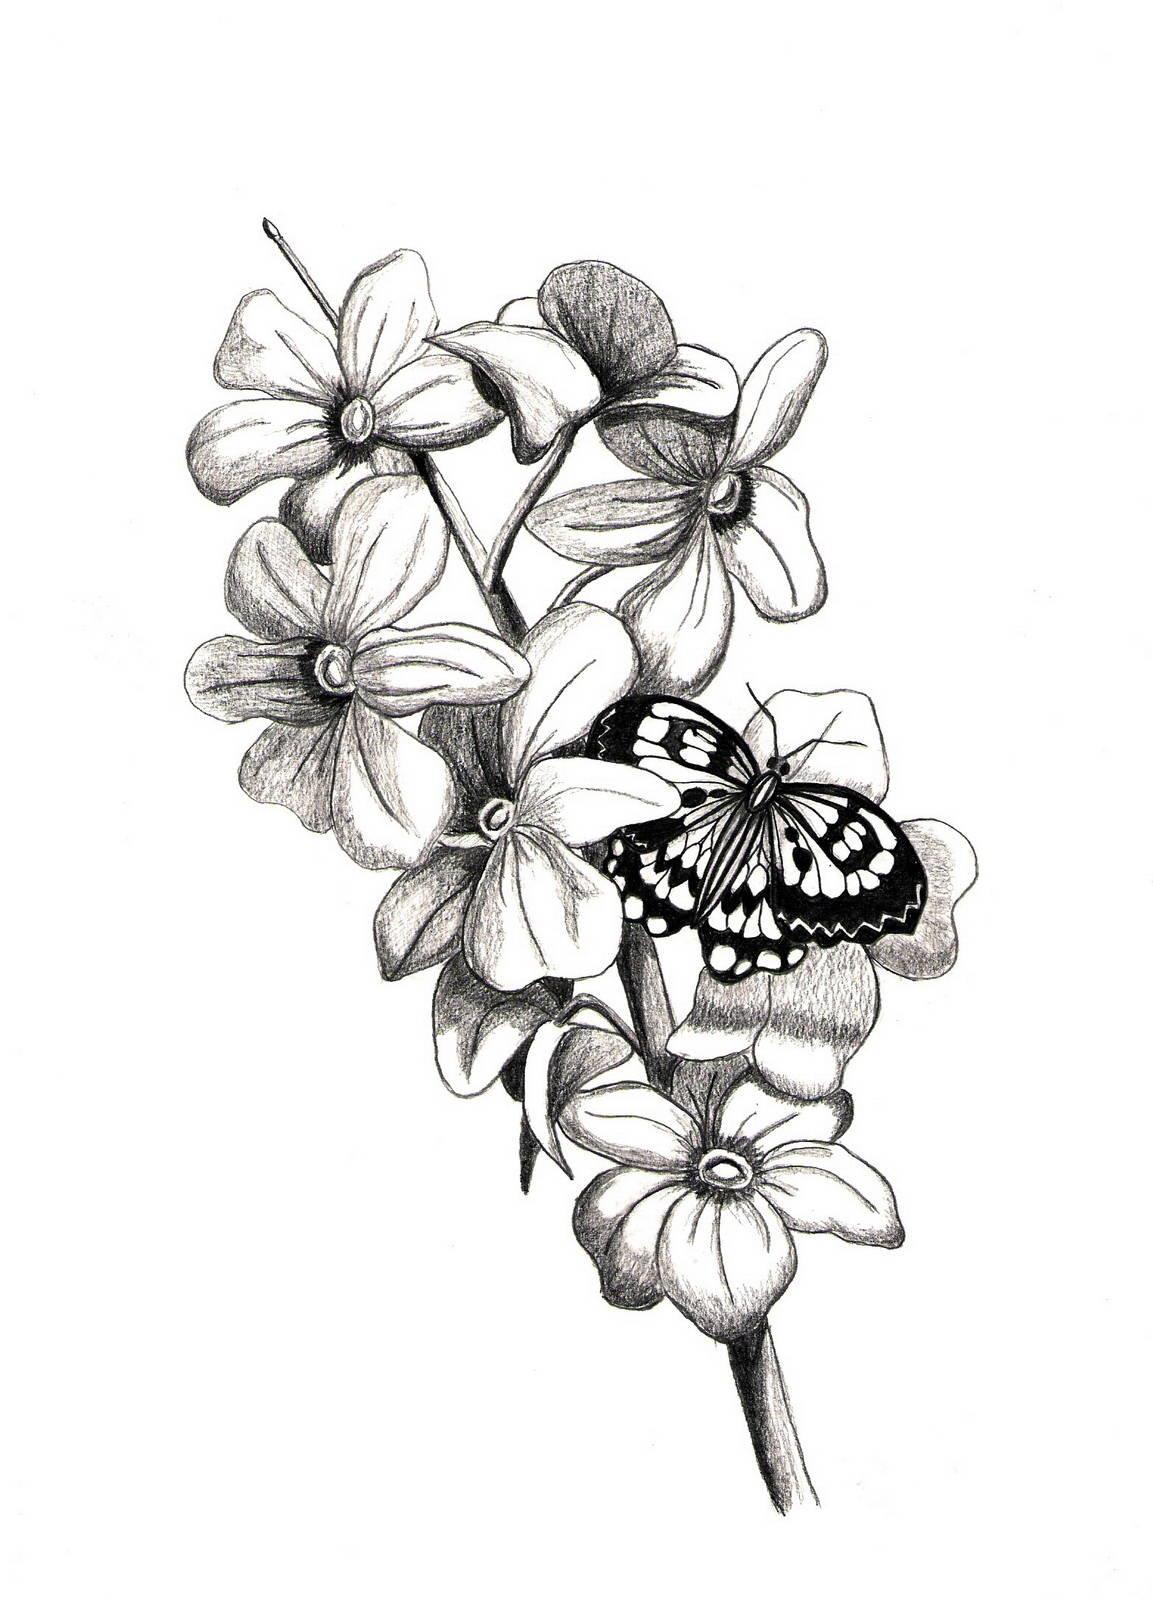 выбор красивые черно белые картинки цветы нарисовать шаржи невесту